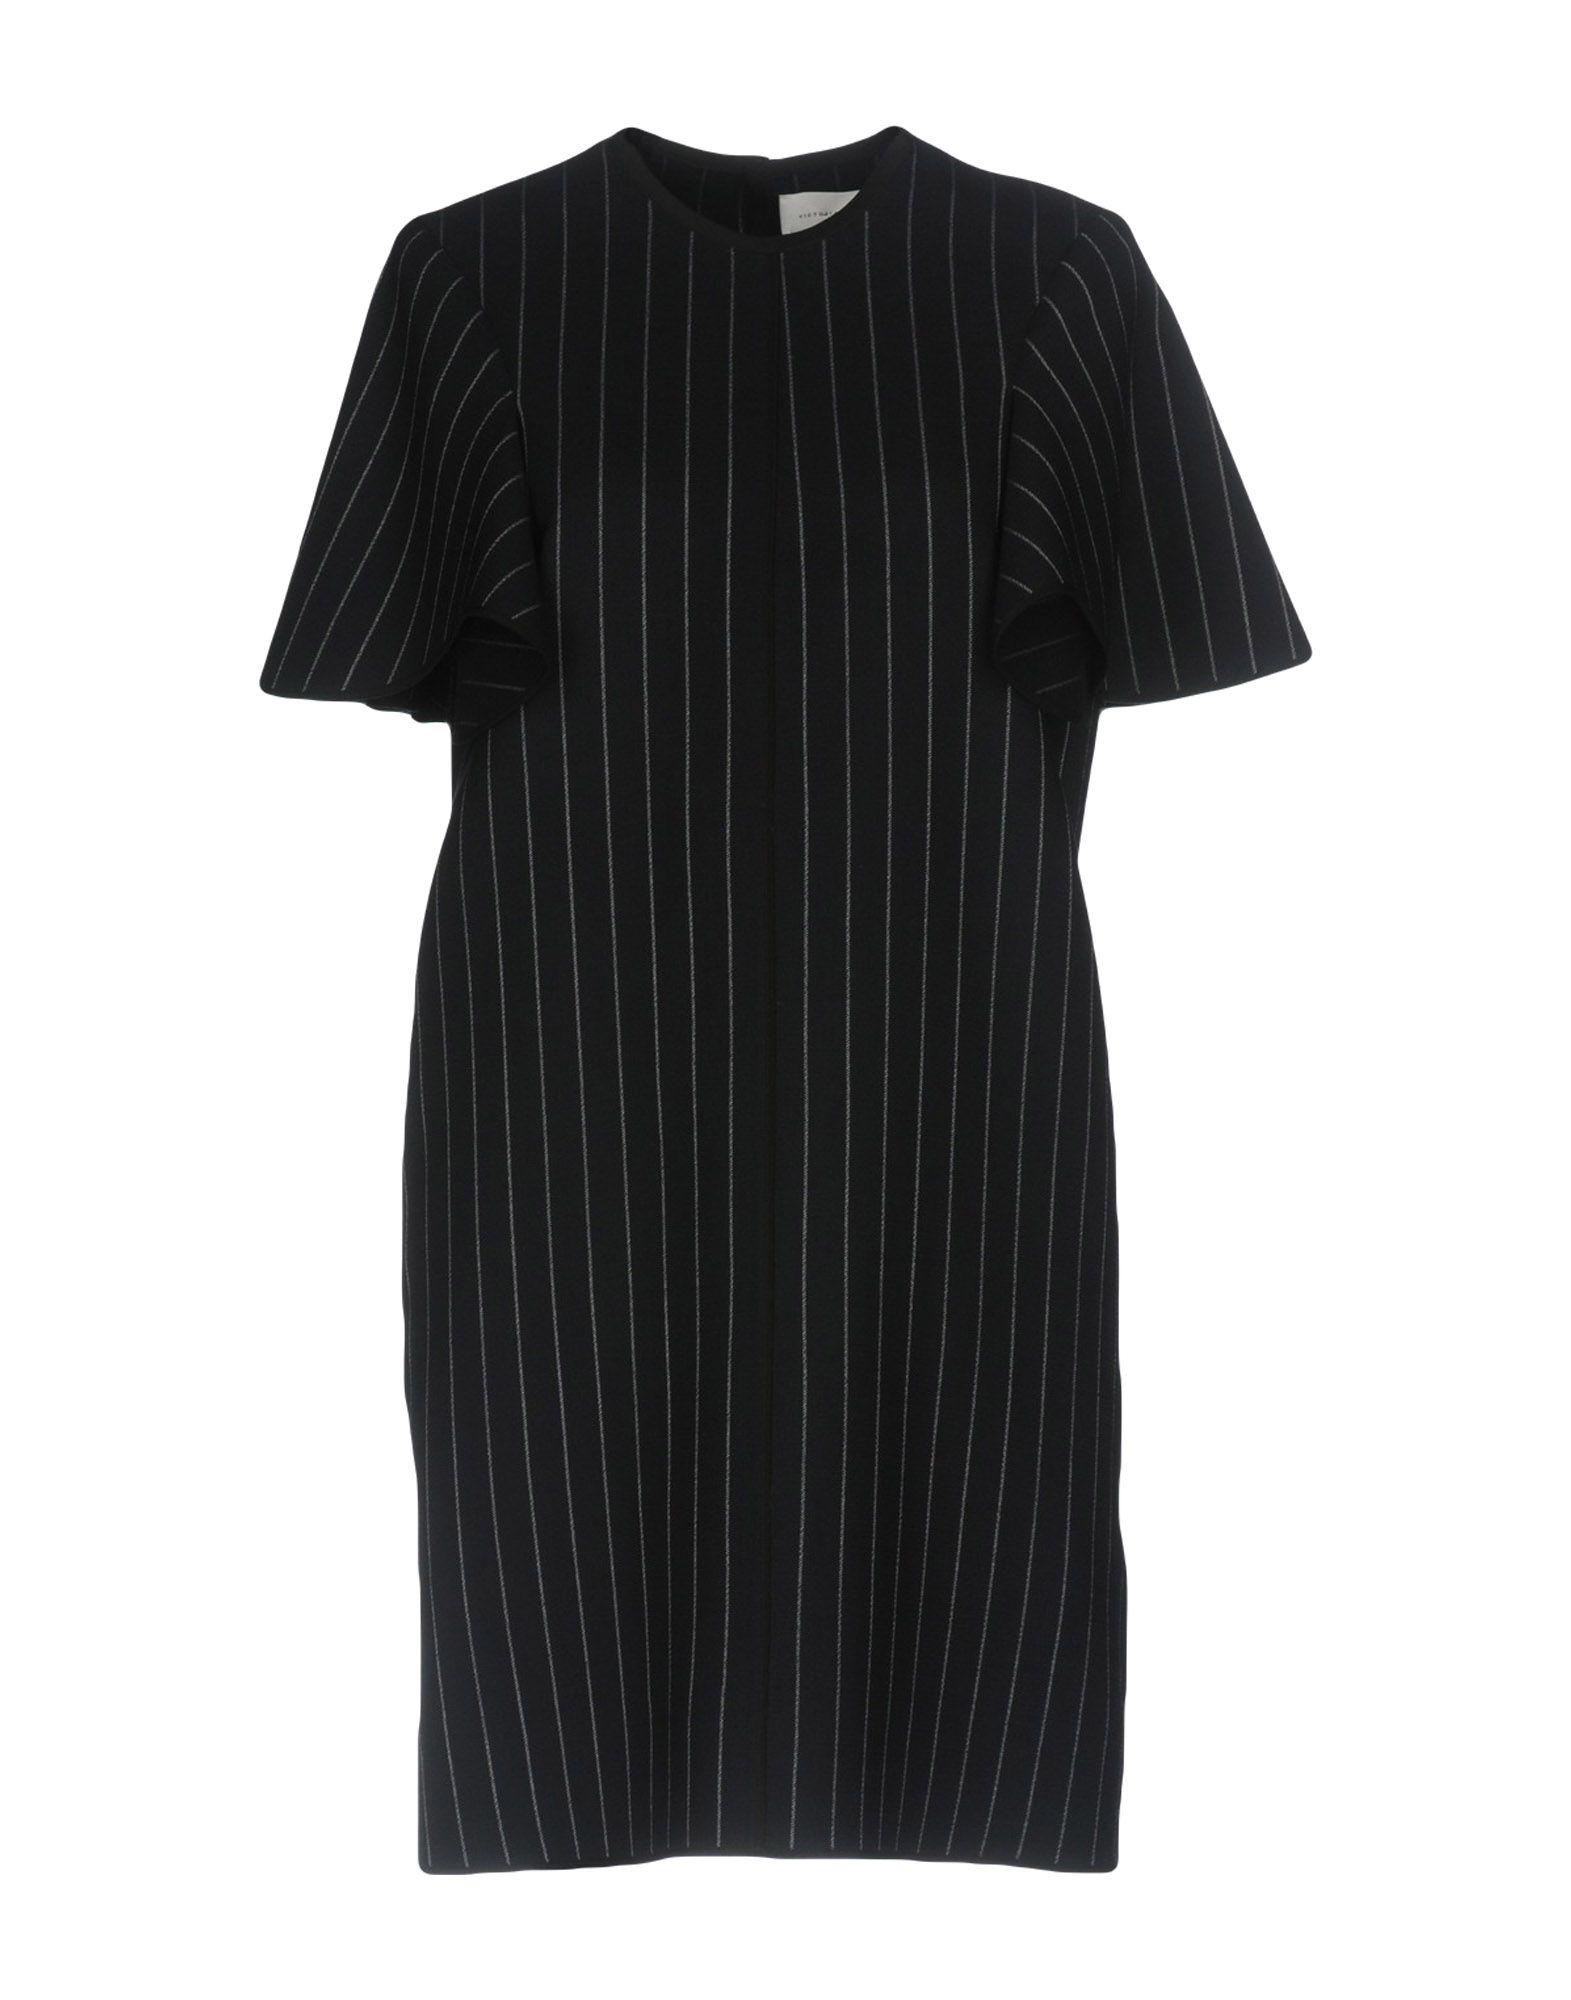 VICTORIA BECKHAM Короткое платье victoria beckham платье от victoria beckham 69775 черный